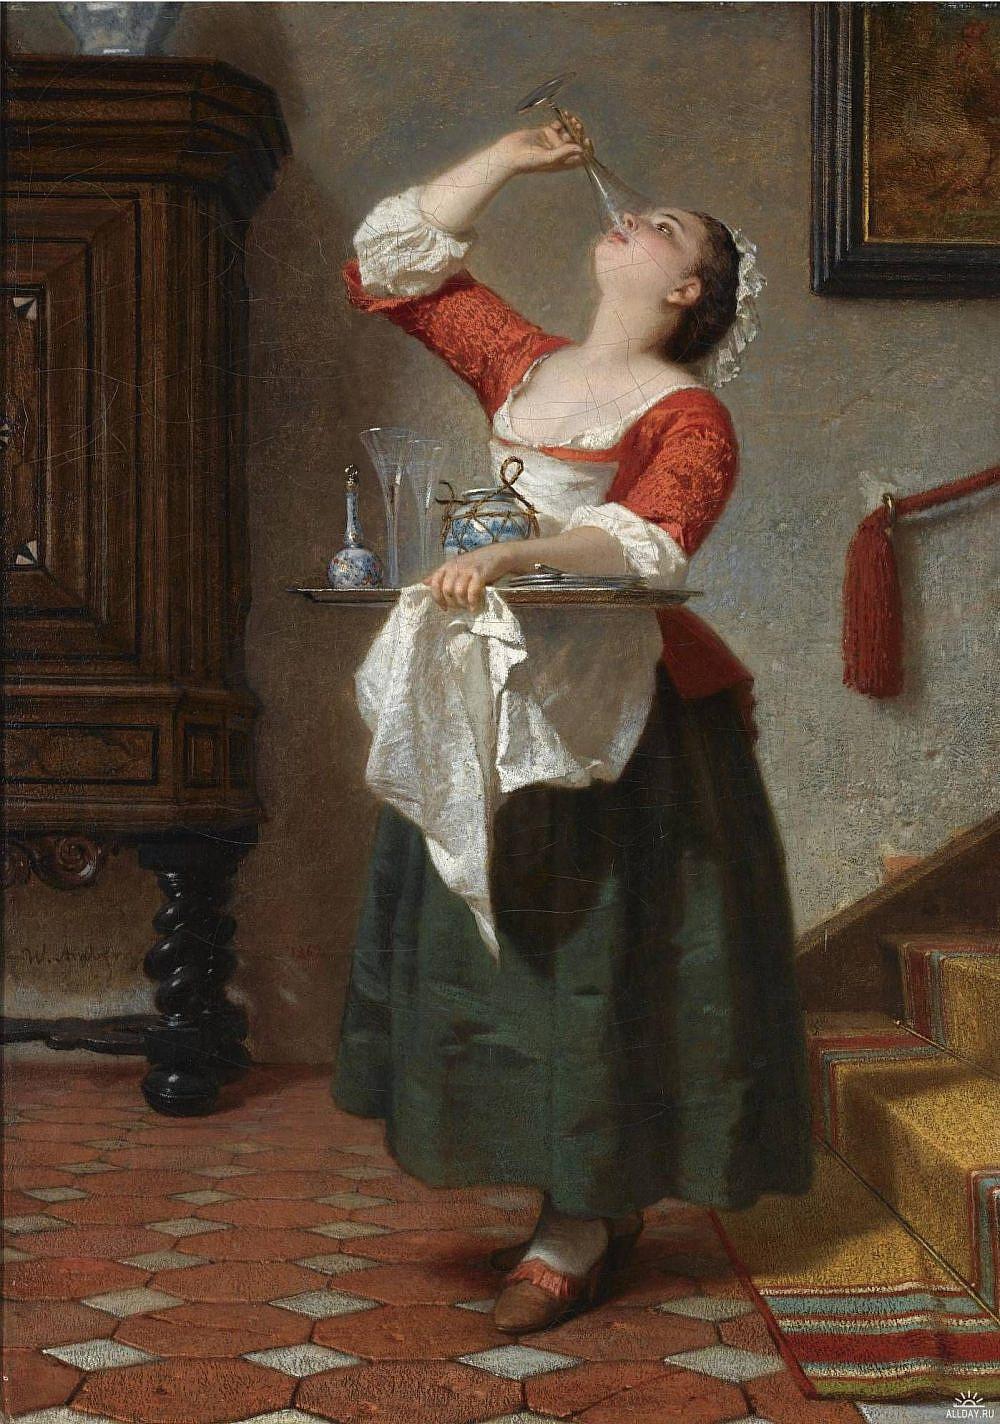 סינר יוקרתי הקרין על יוקרתה של השמלה The Maid , Wilhelm August Lebrecht Amberg, 1862